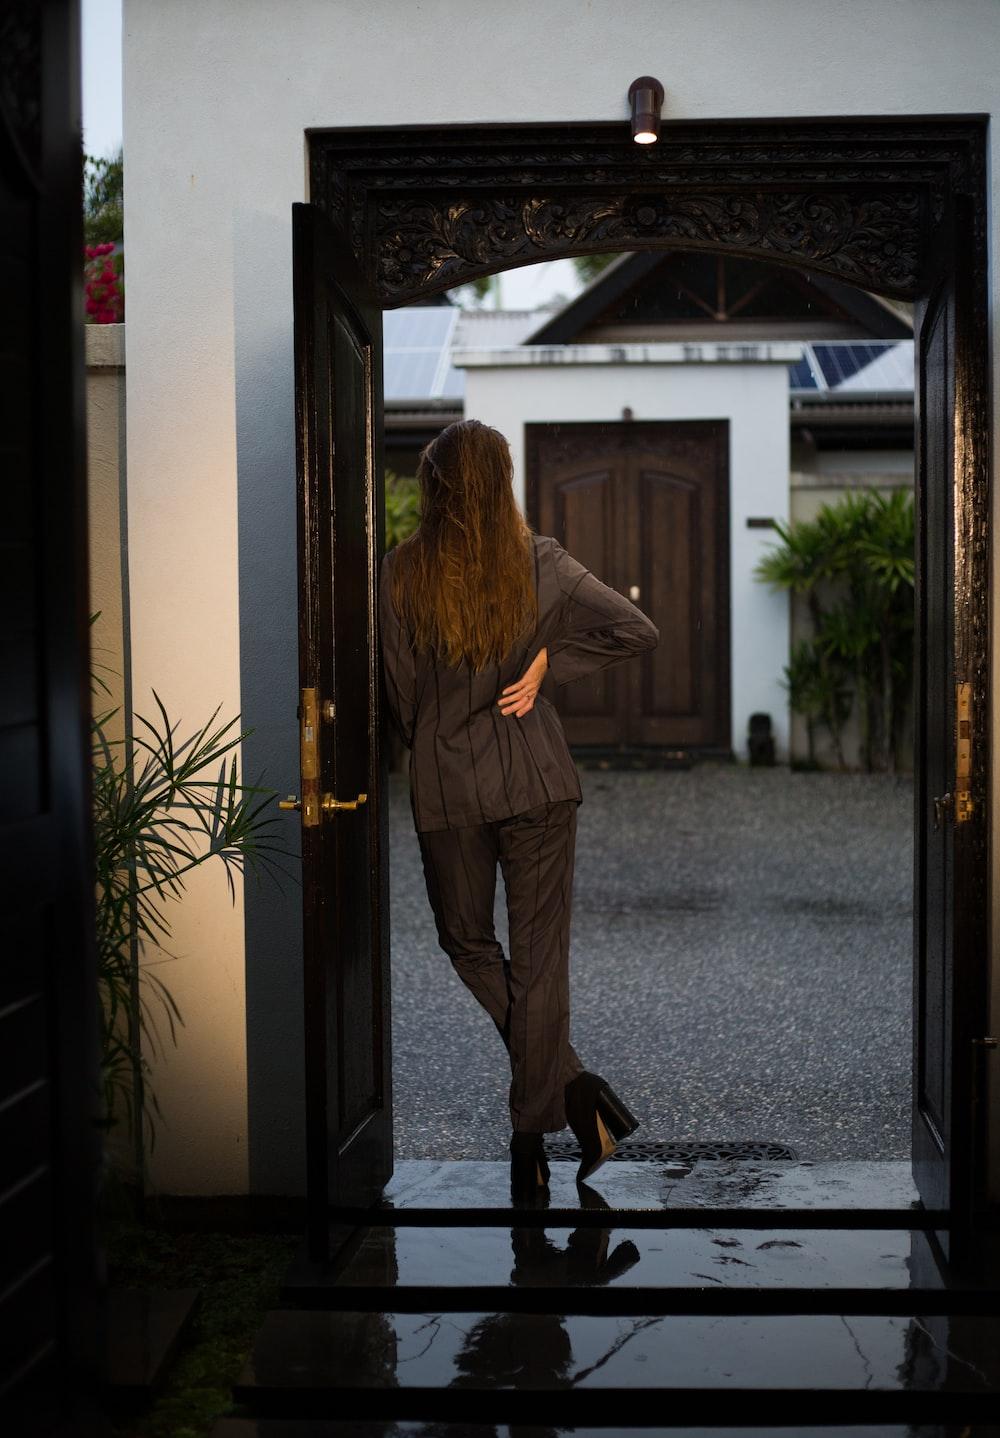 woman in brown coat standing near door